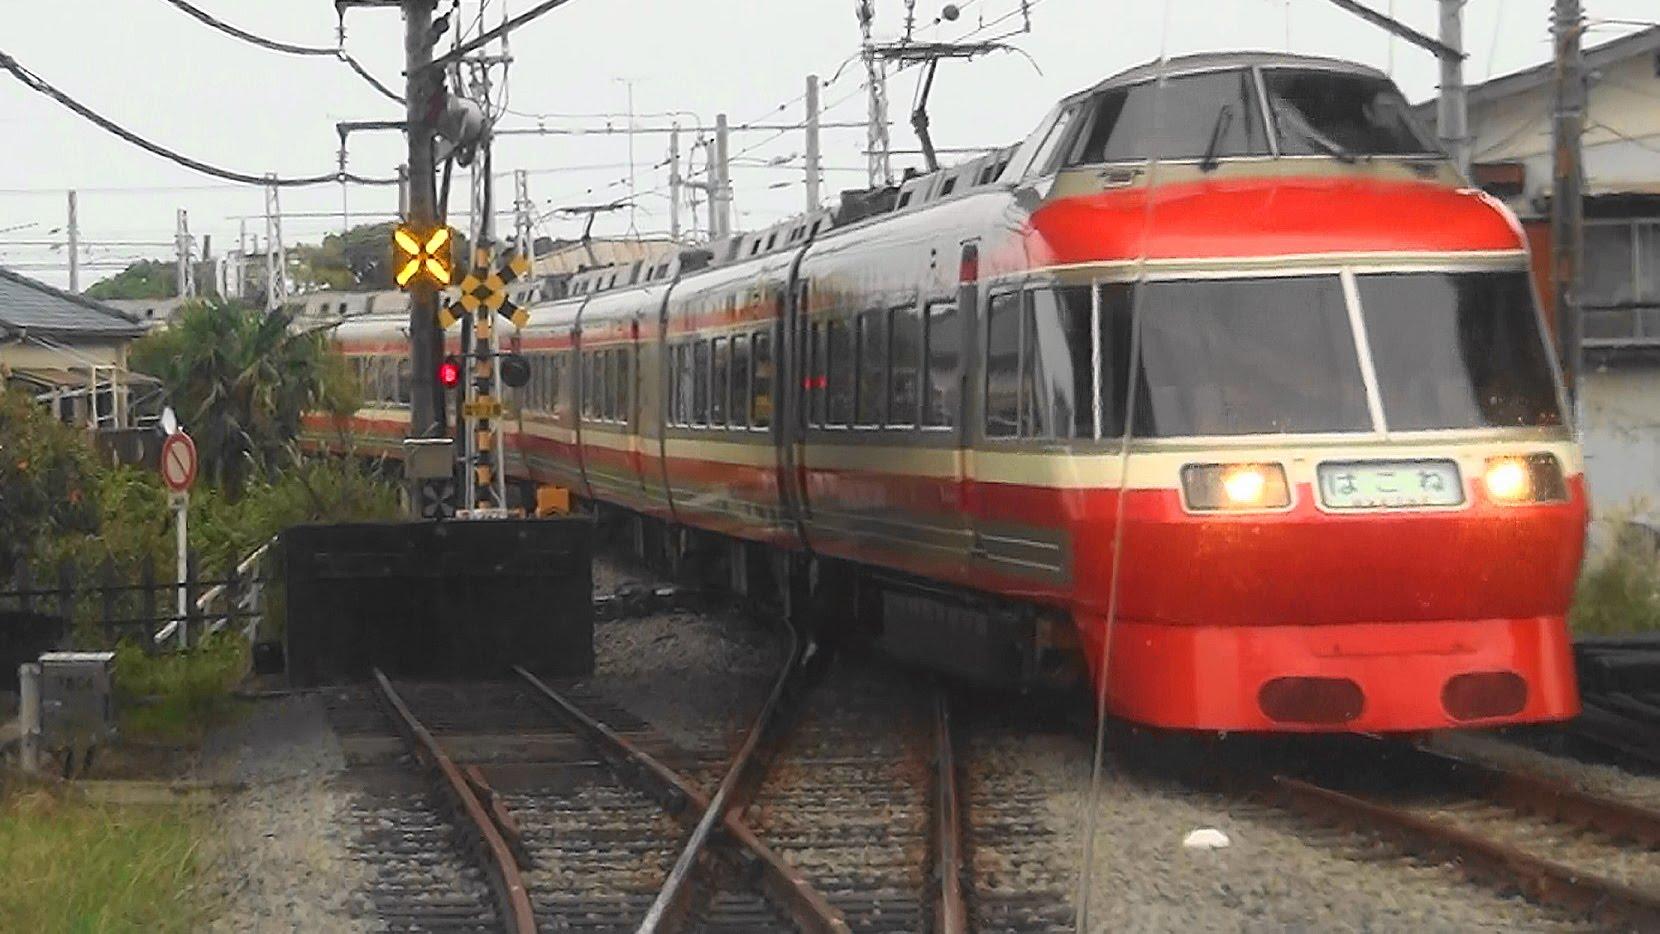 小田急はこね22号LSE(箱根湯本-新宿) 前面展望 秋色の箱根路 2014-11-11